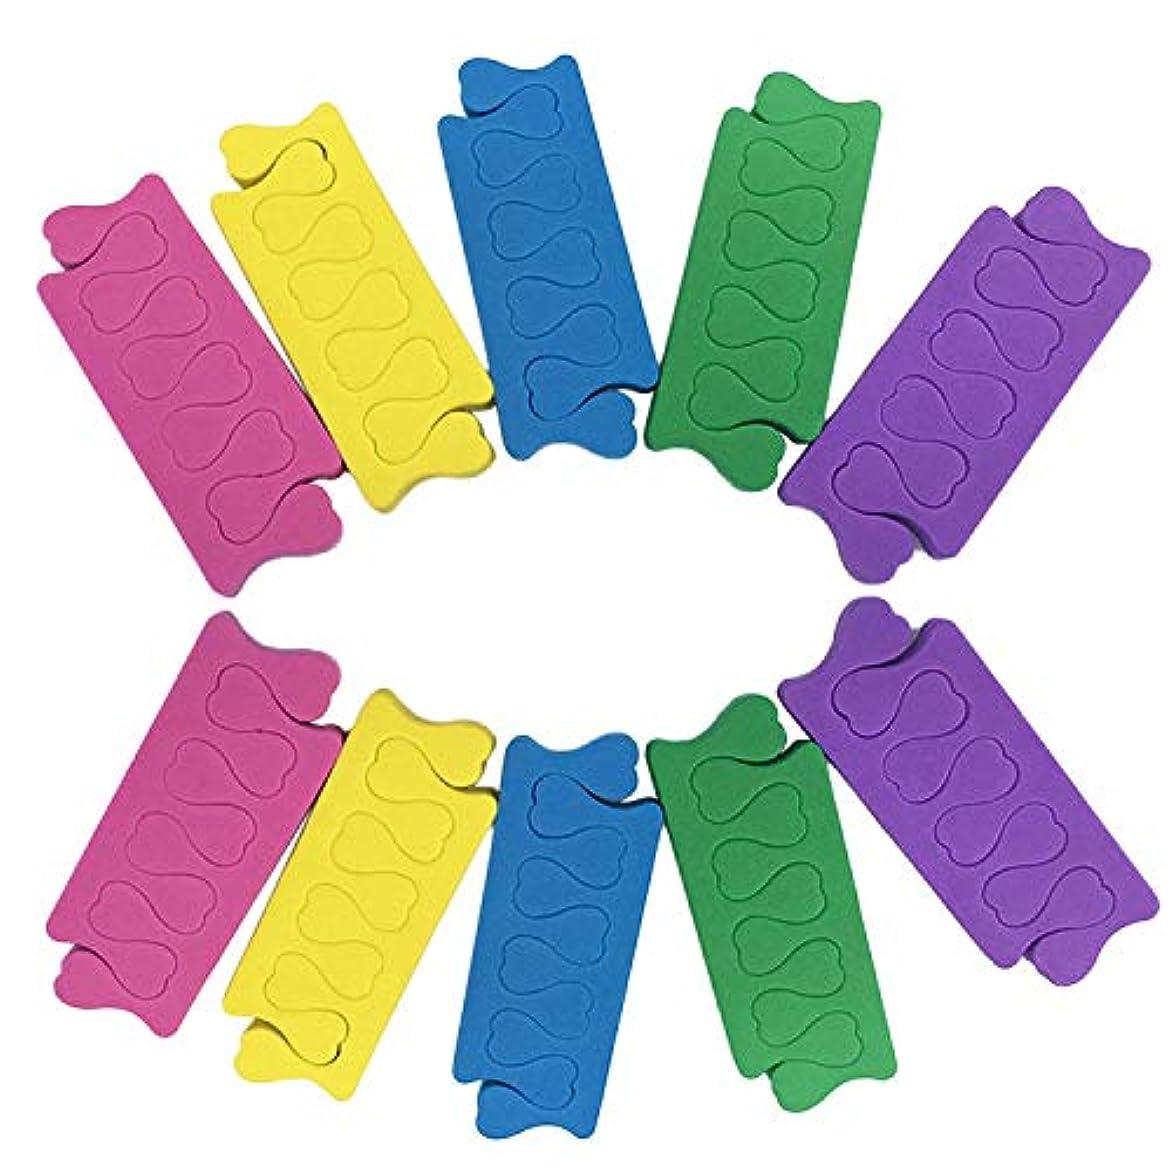 彼らのものフレキシブルリスナートゥセパレーター Migavann フィンガーセパレーター 50組の色の組み合わせソフトフォームスポンジフィンガーセパレーターデバイダーネイルアートマニキュアペディキュアツール